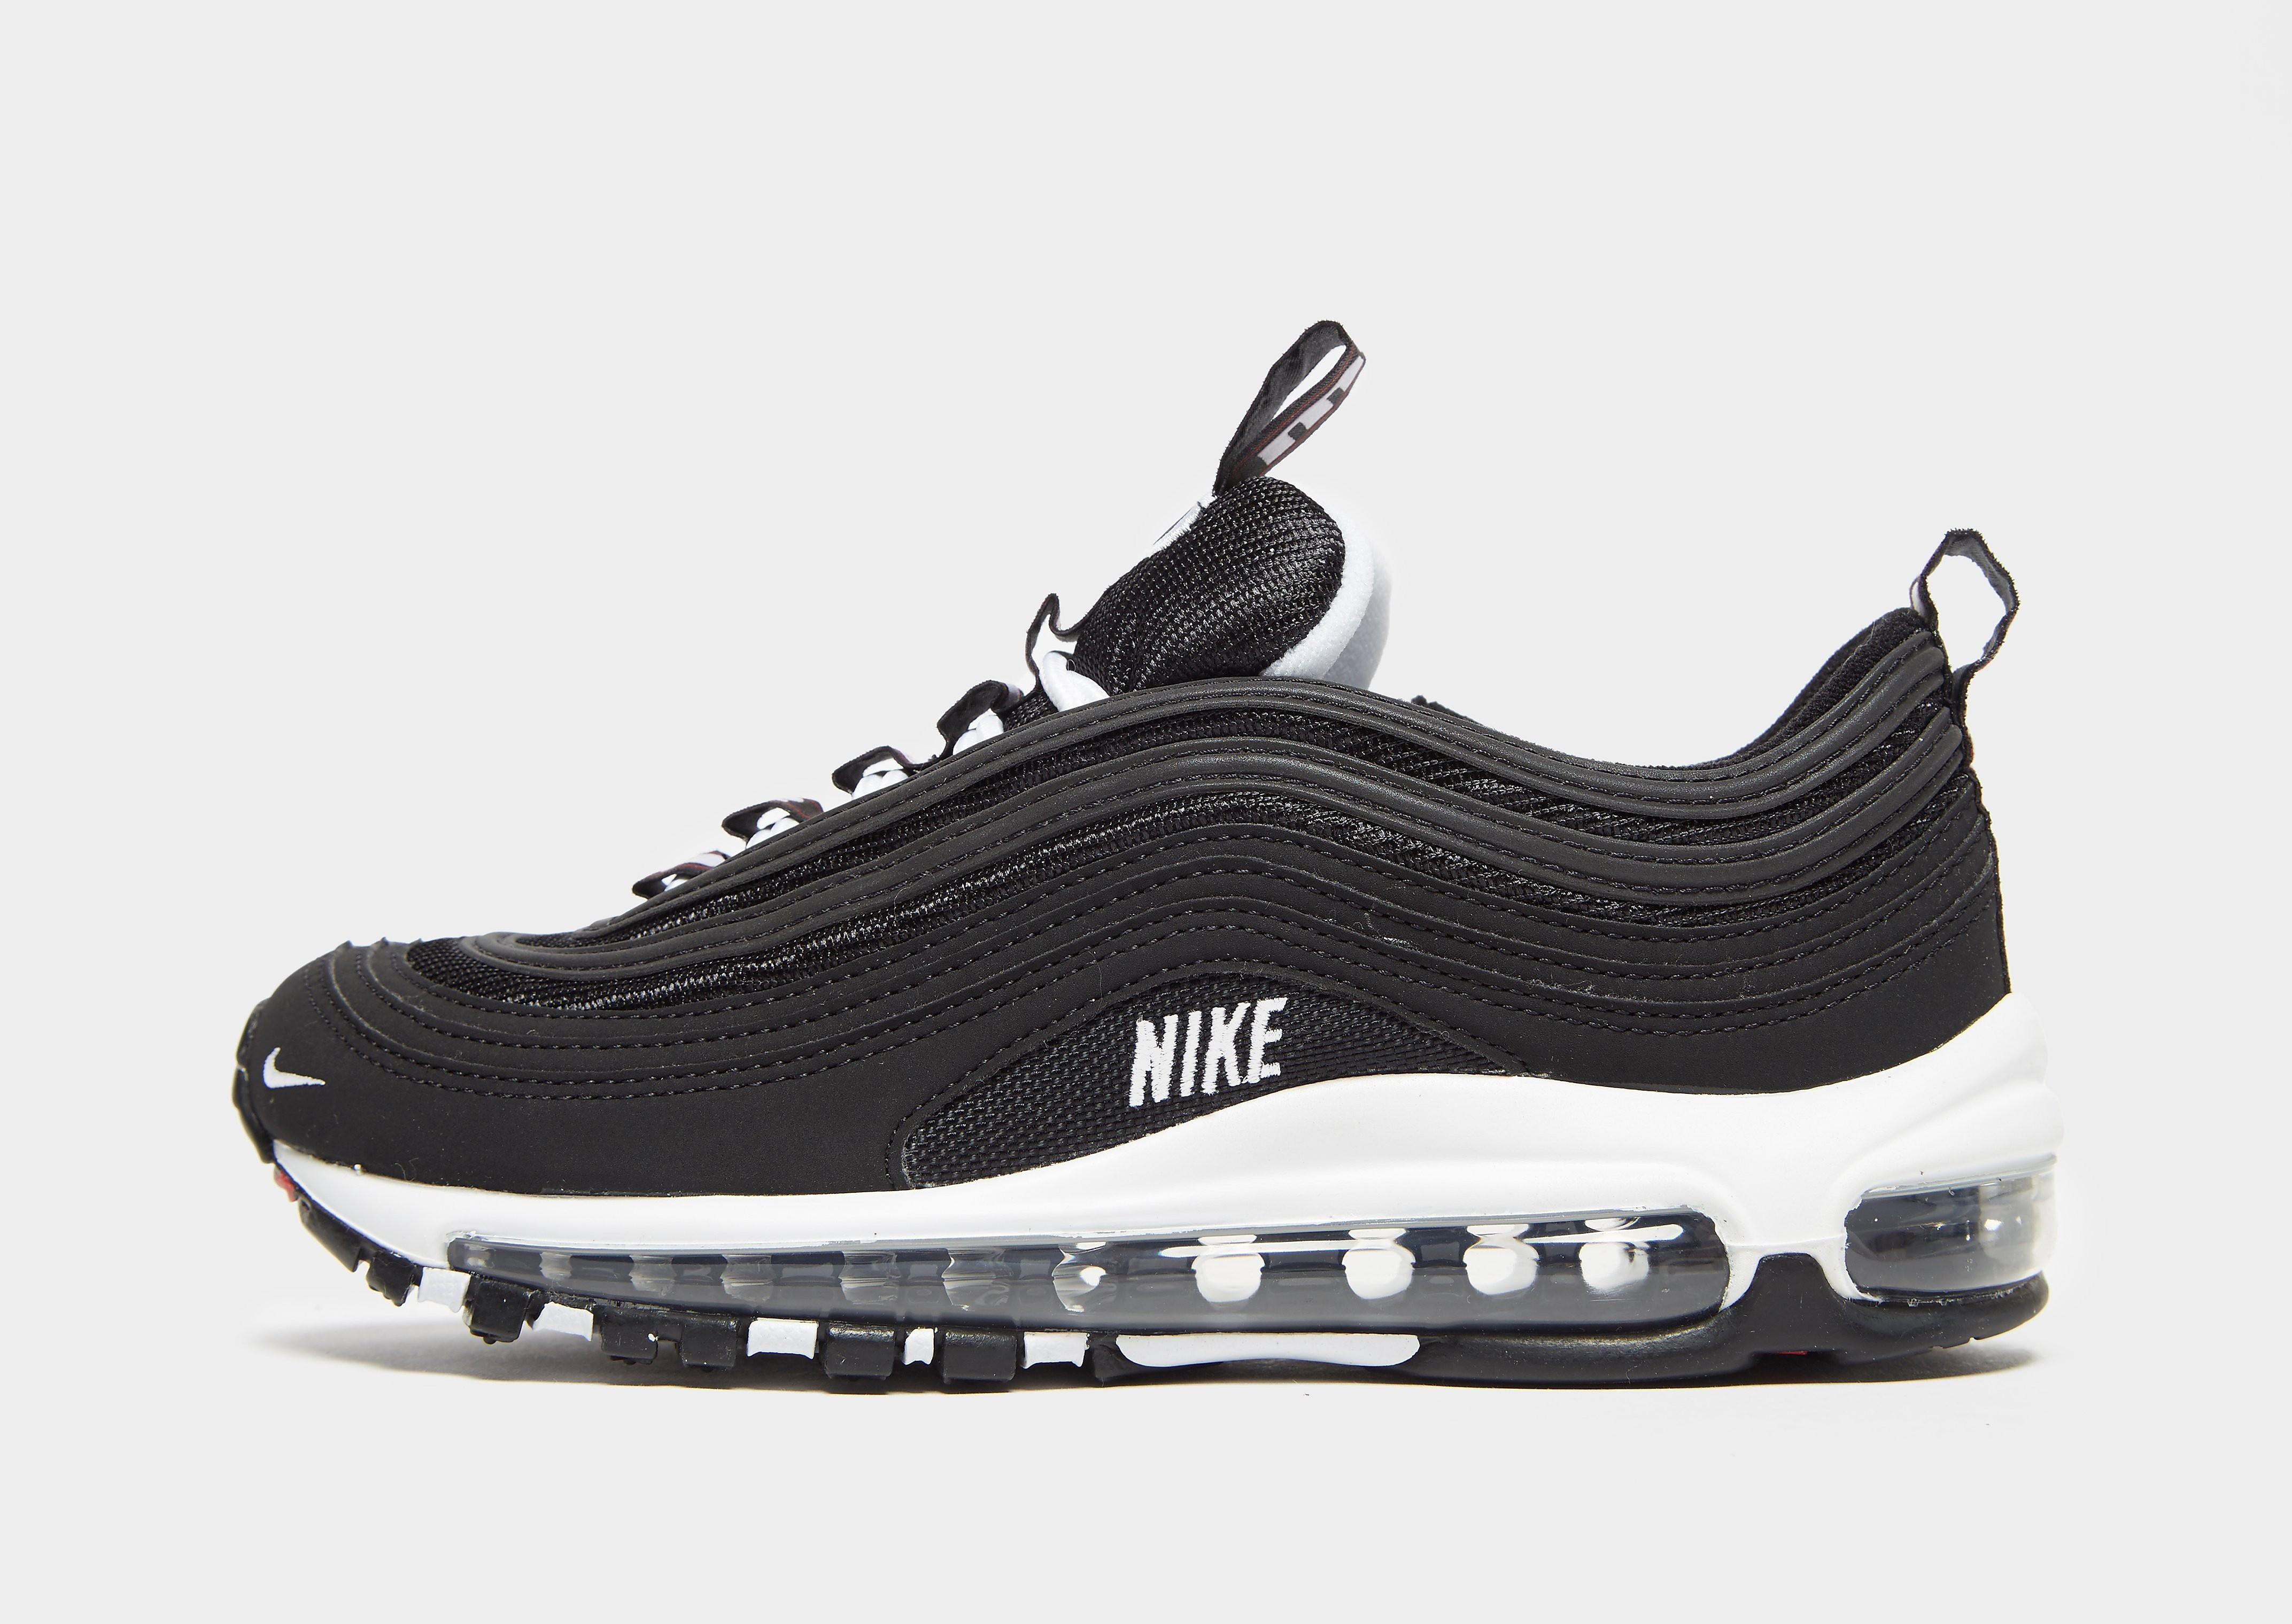 Nike Air Max 97 kindersneaker zwart en rood